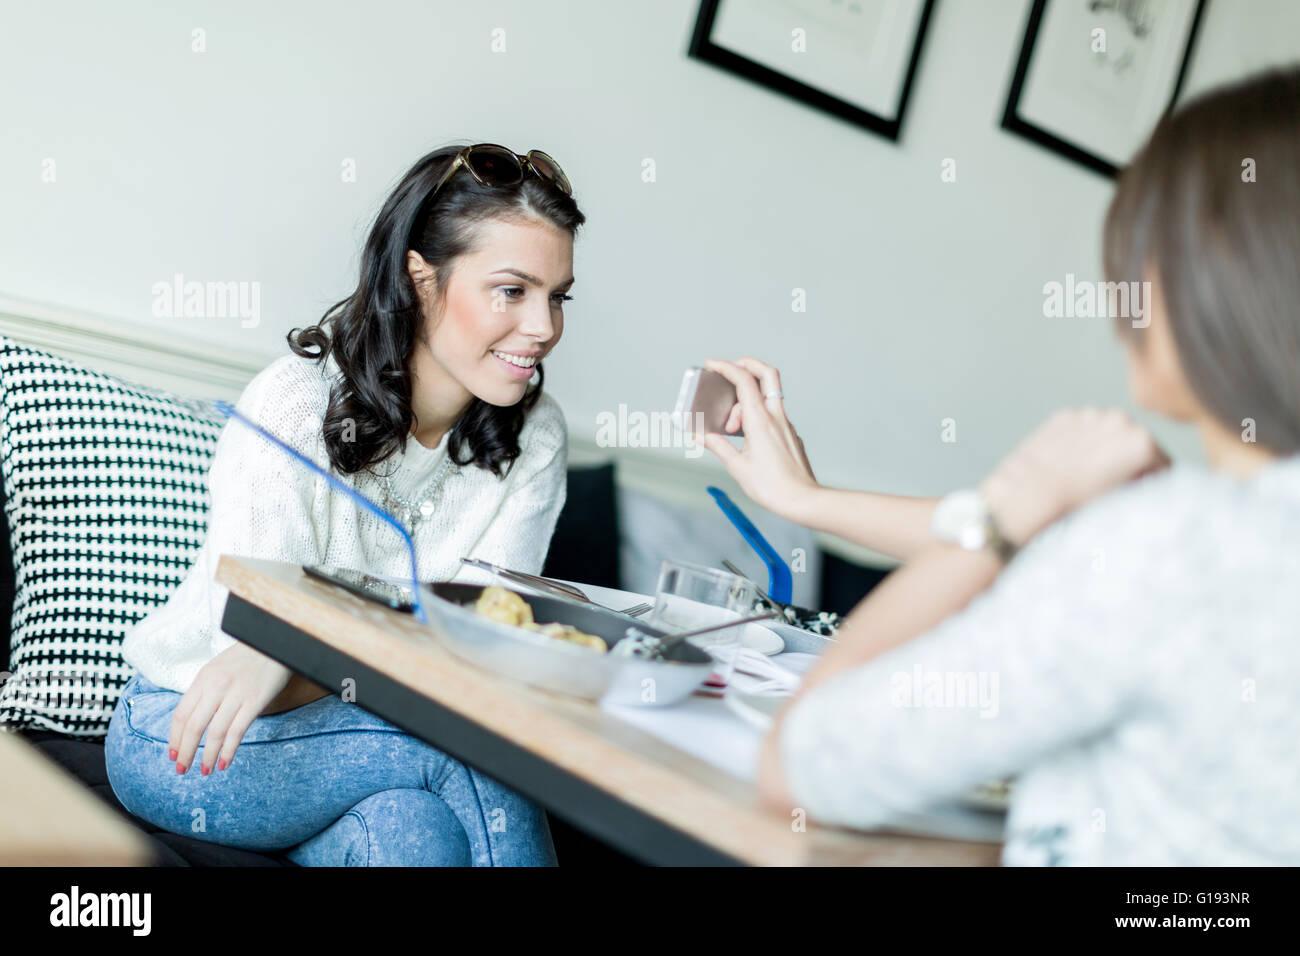 Bella giovane donna sorridente con gioia perché la cella di divertenti contenuti del cellulare Immagini Stock